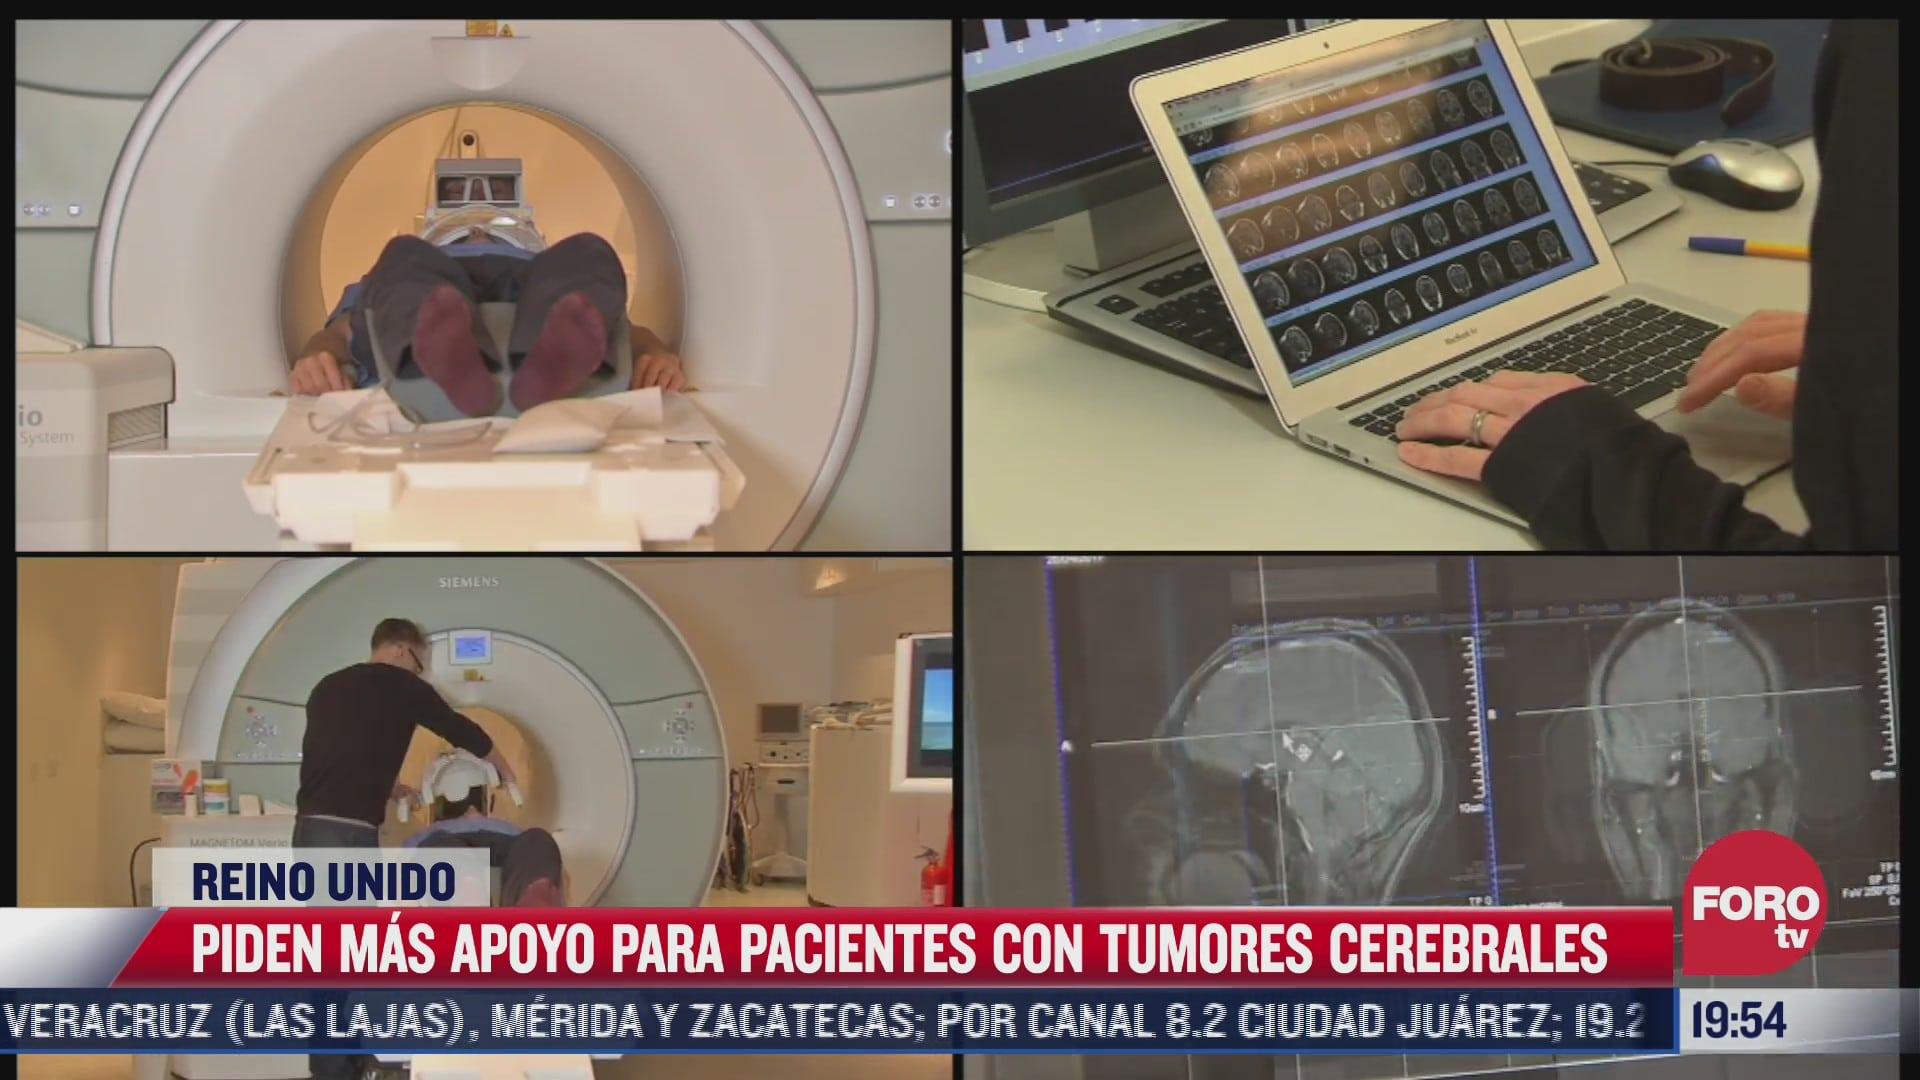 piden mas apoyo para pacientes con tumores cerebrales en reino unido